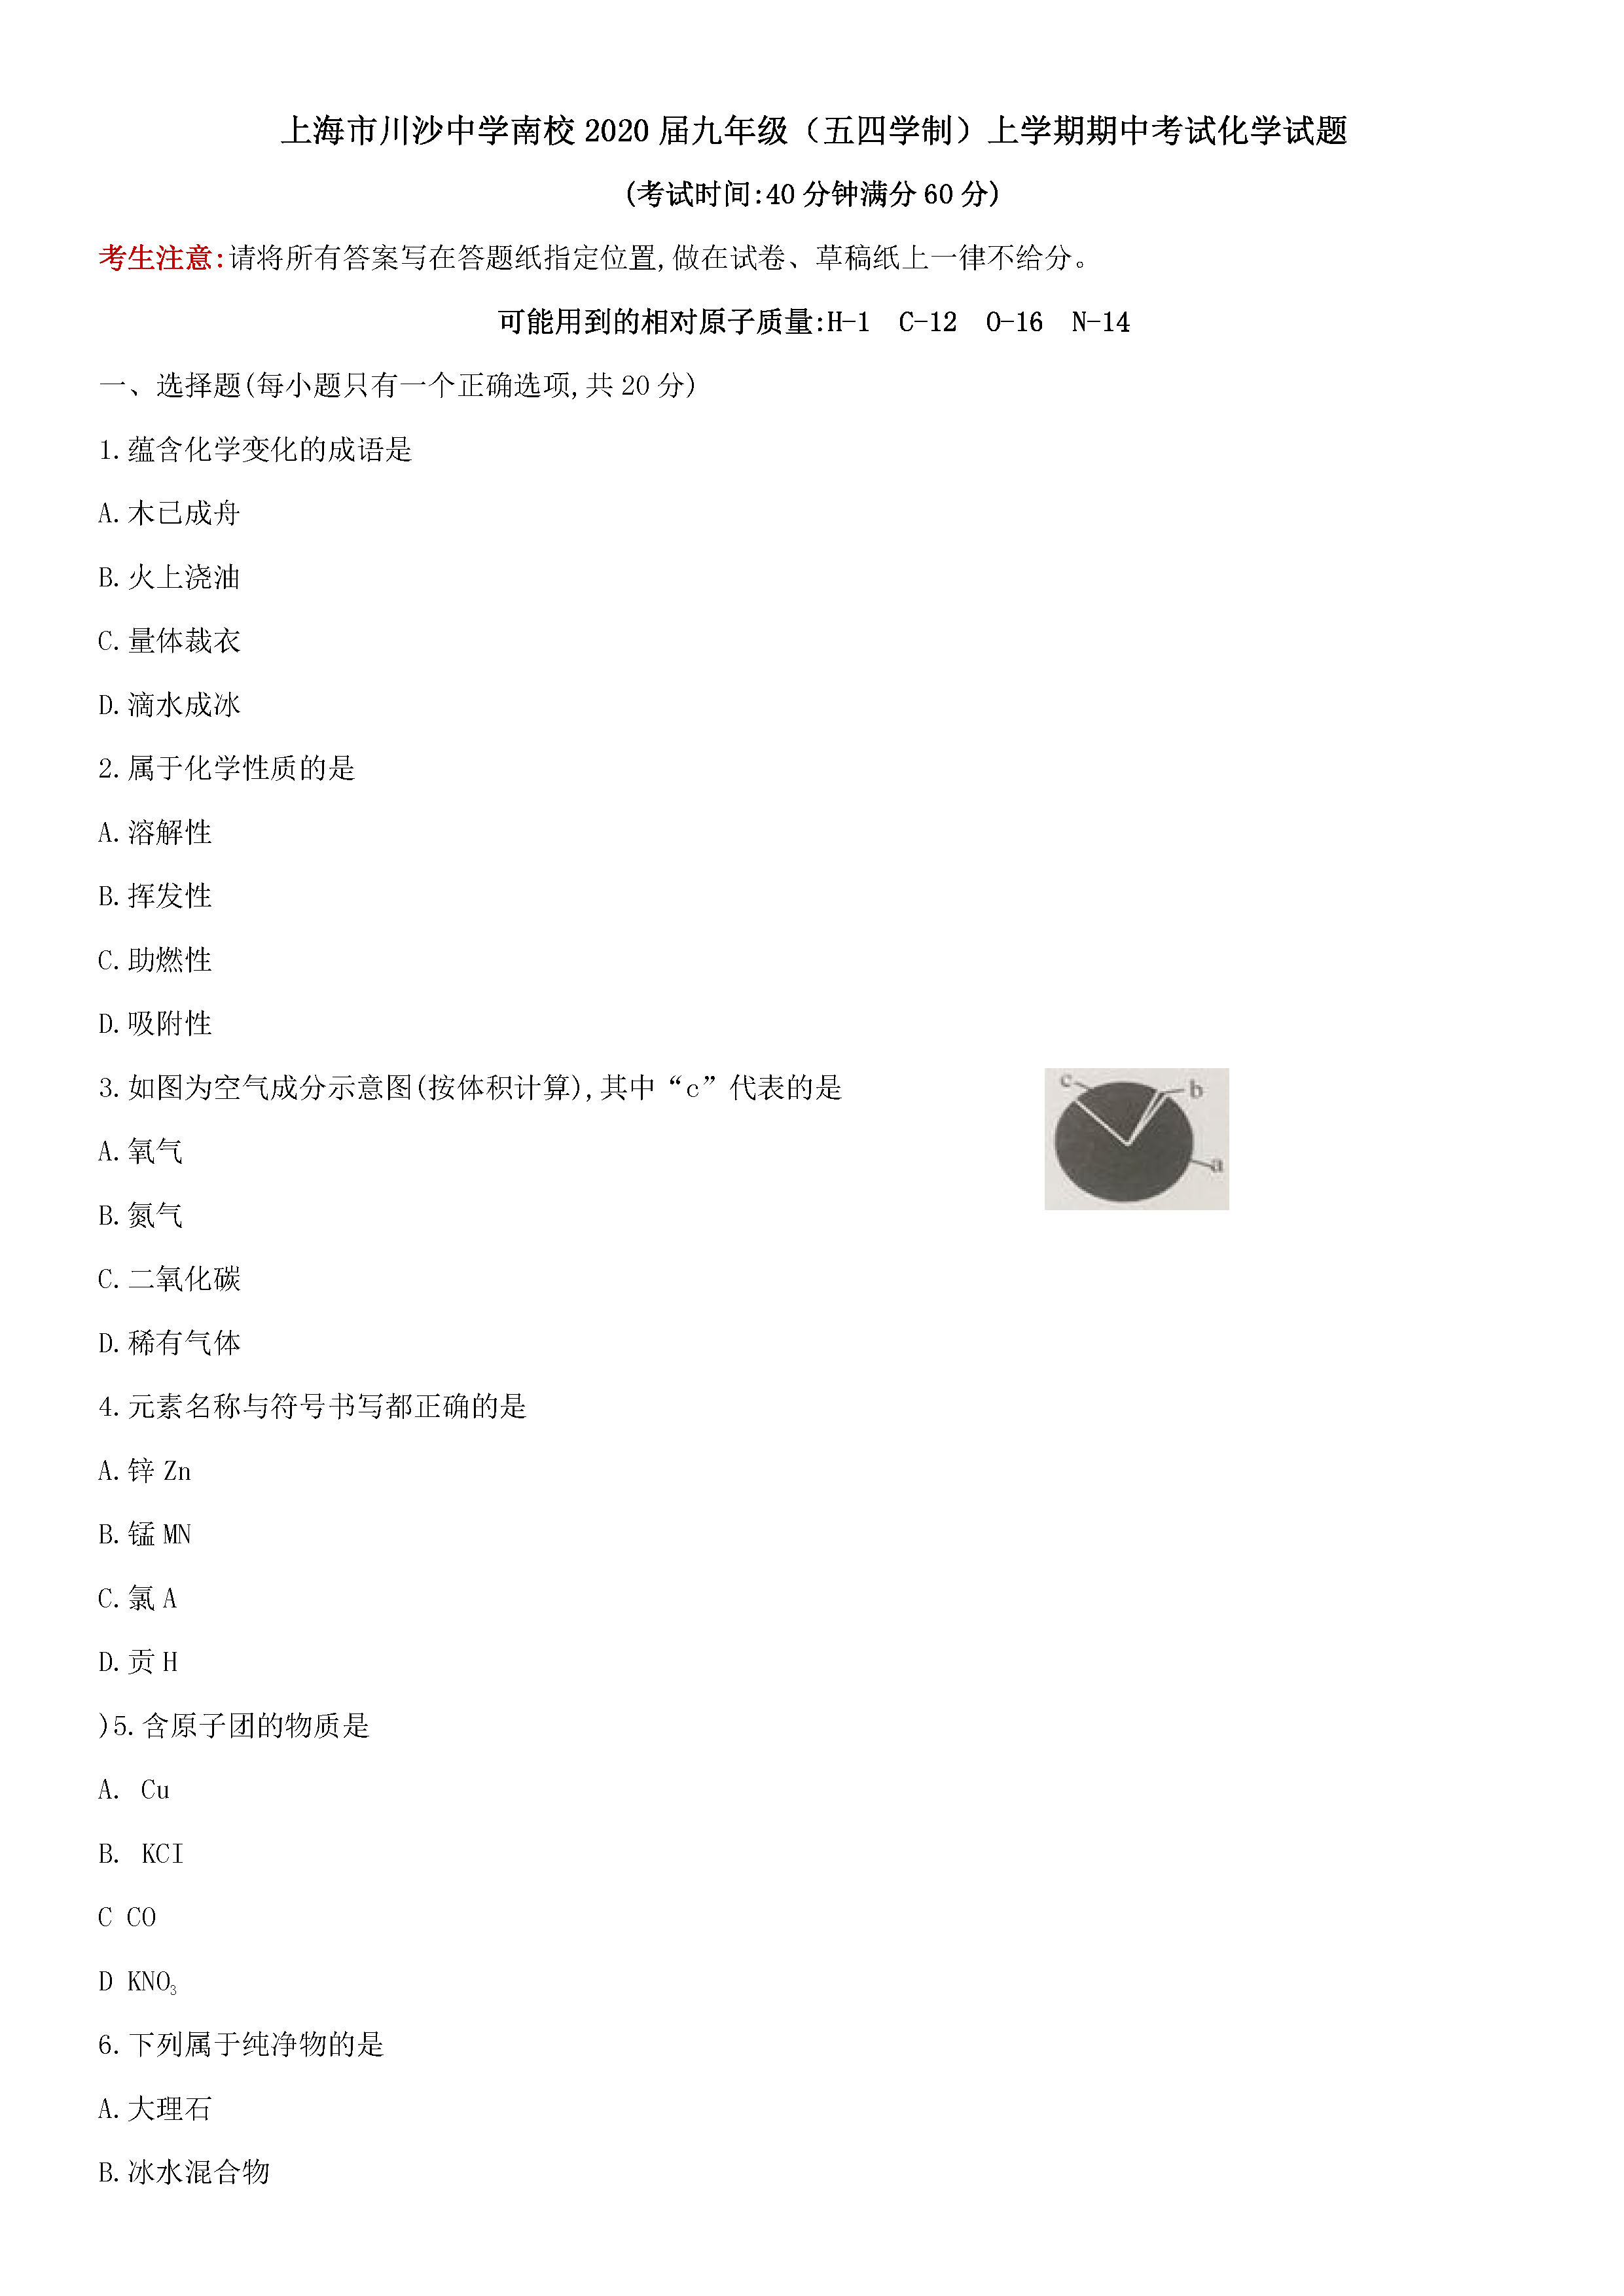 2019-2020上海川沙中学南校初三期中化学模拟试题及答案(PDF下载版)